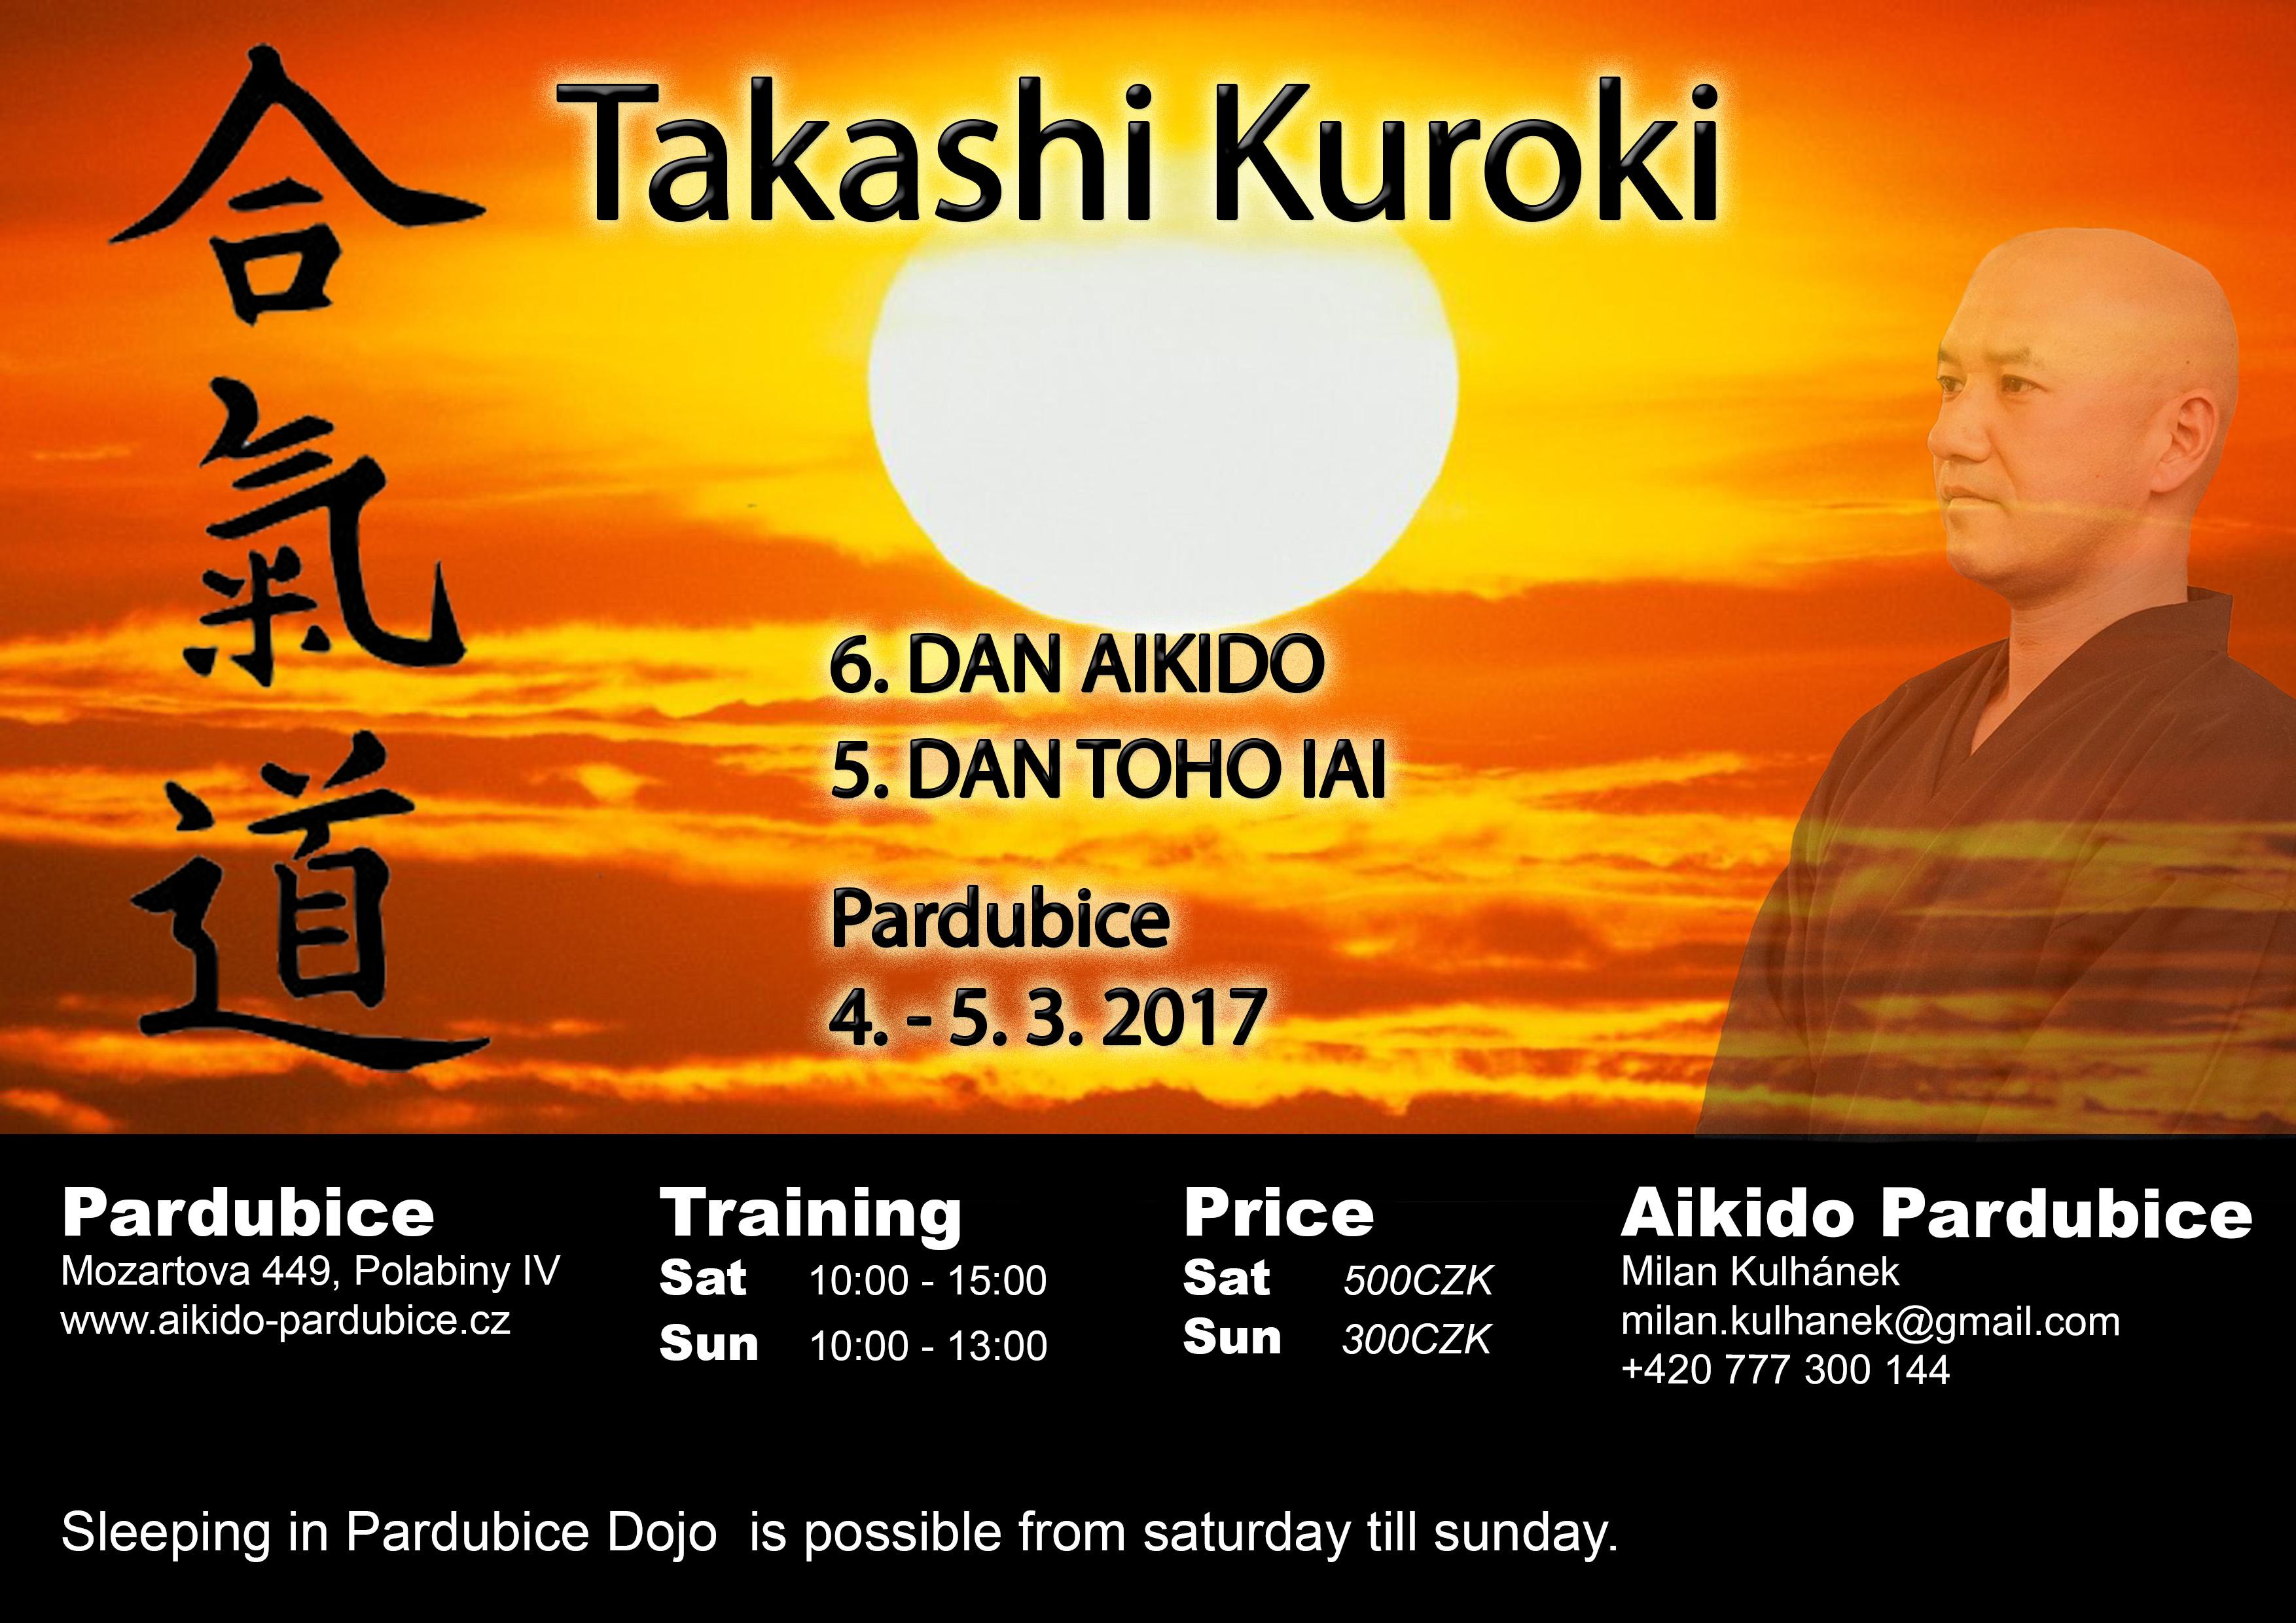 plakat aikido pardubice2017 v